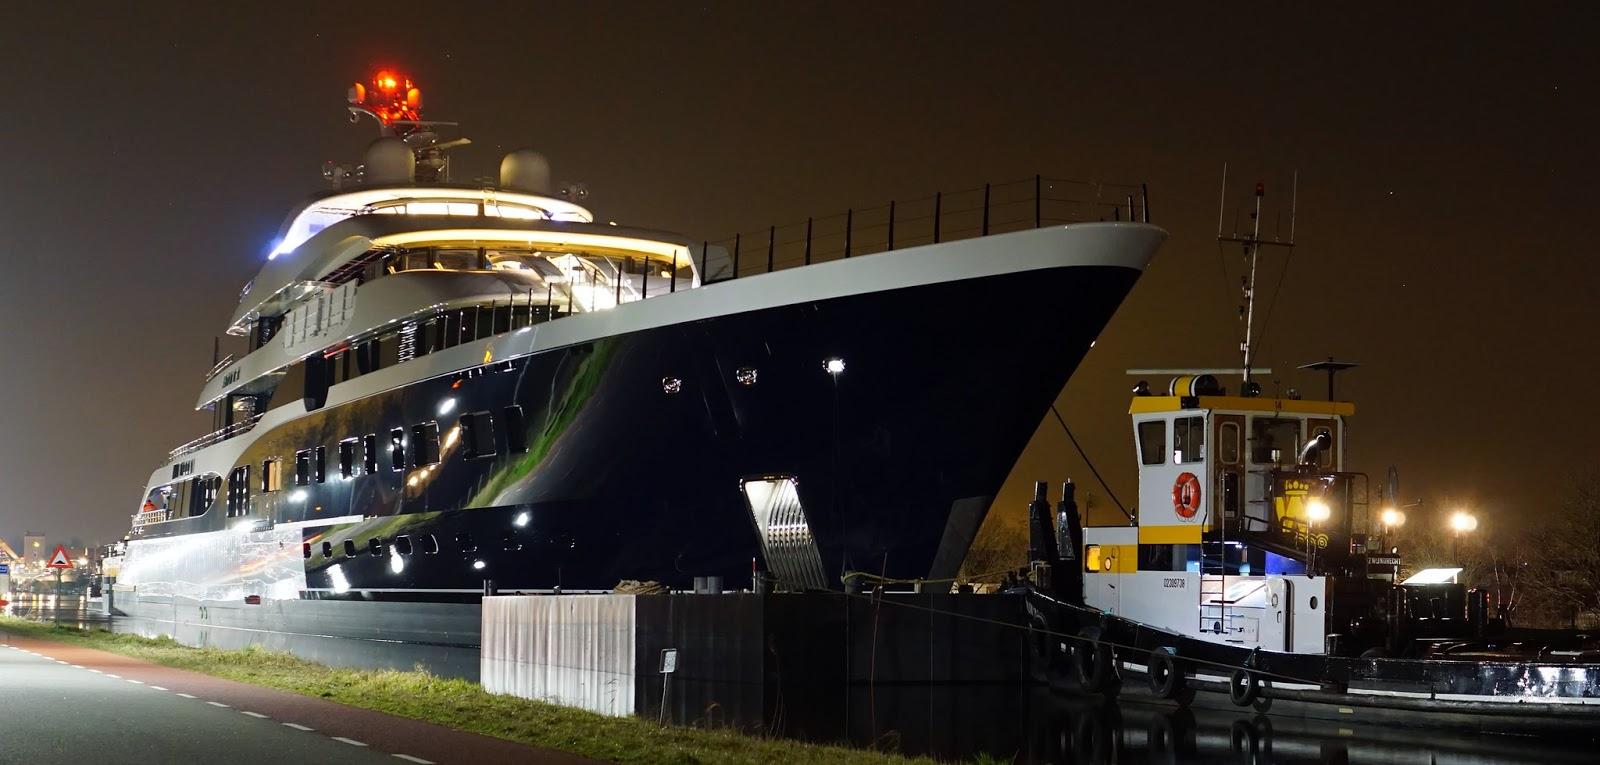 Symphony superyacht night